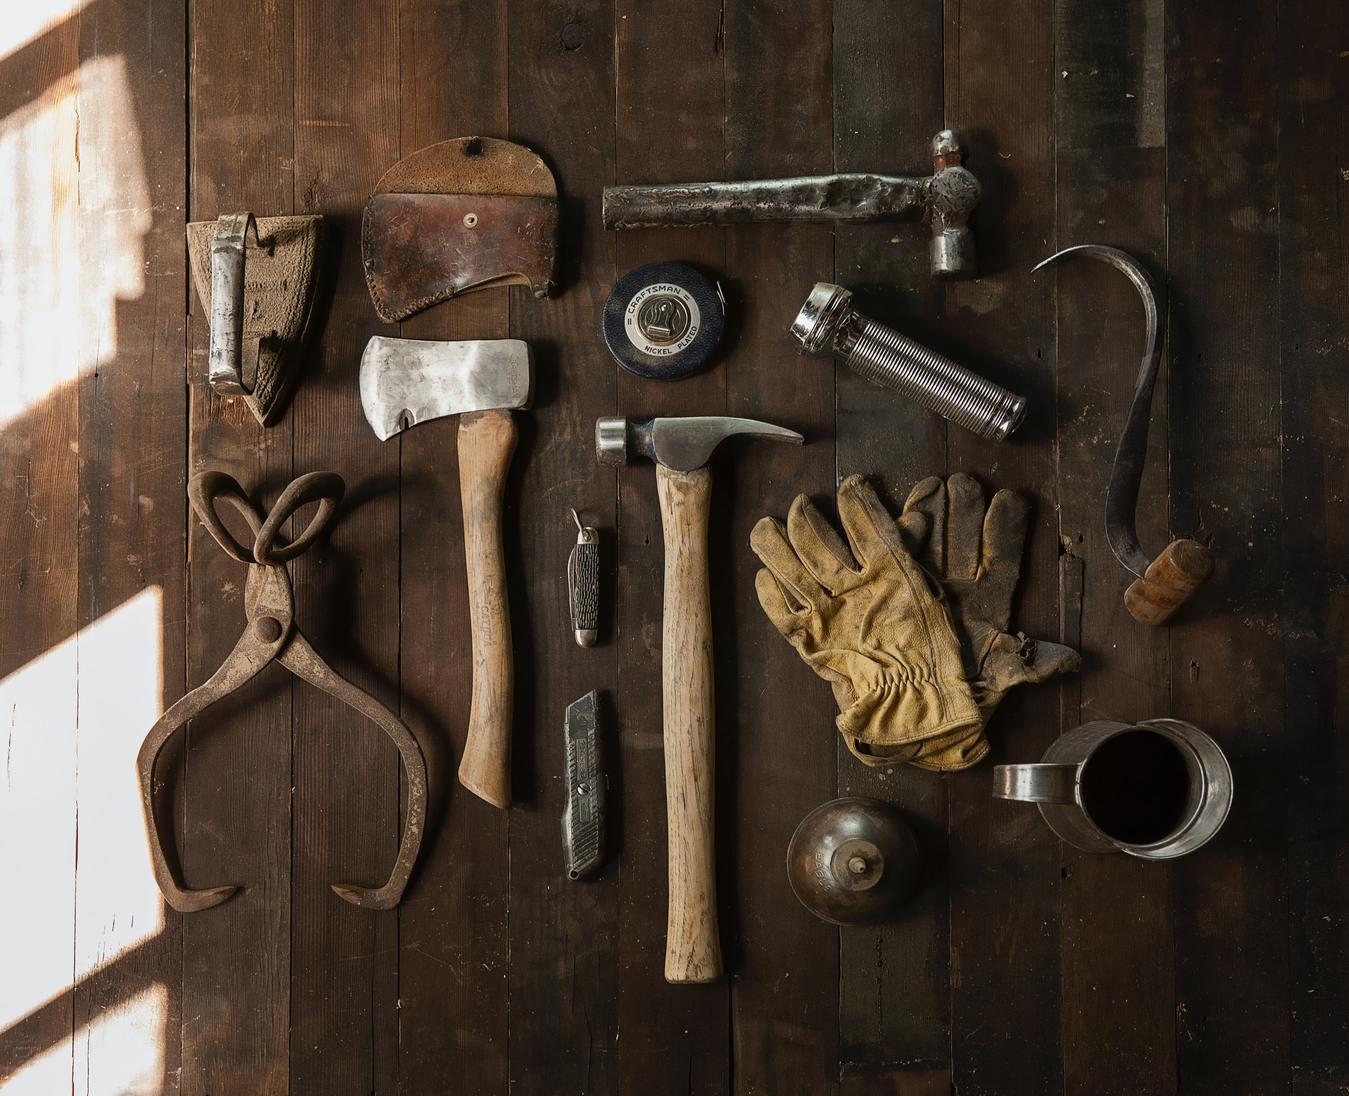 Herramientas de carpintería sobre un fondo de madera